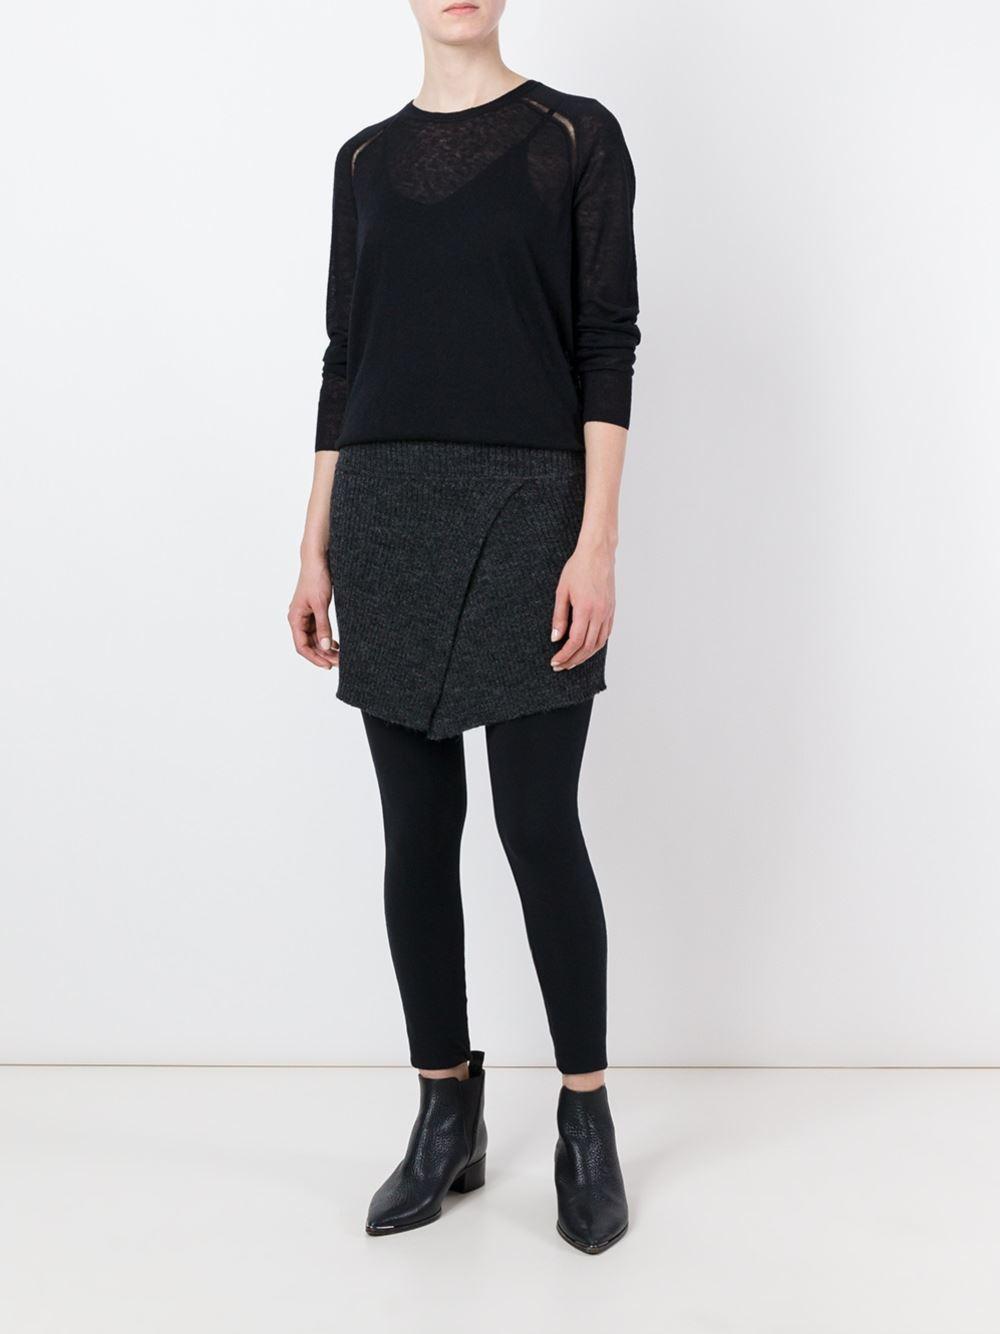 toile isabel marant isabel marant toile 39 foty 39 jumper in black lyst. Black Bedroom Furniture Sets. Home Design Ideas